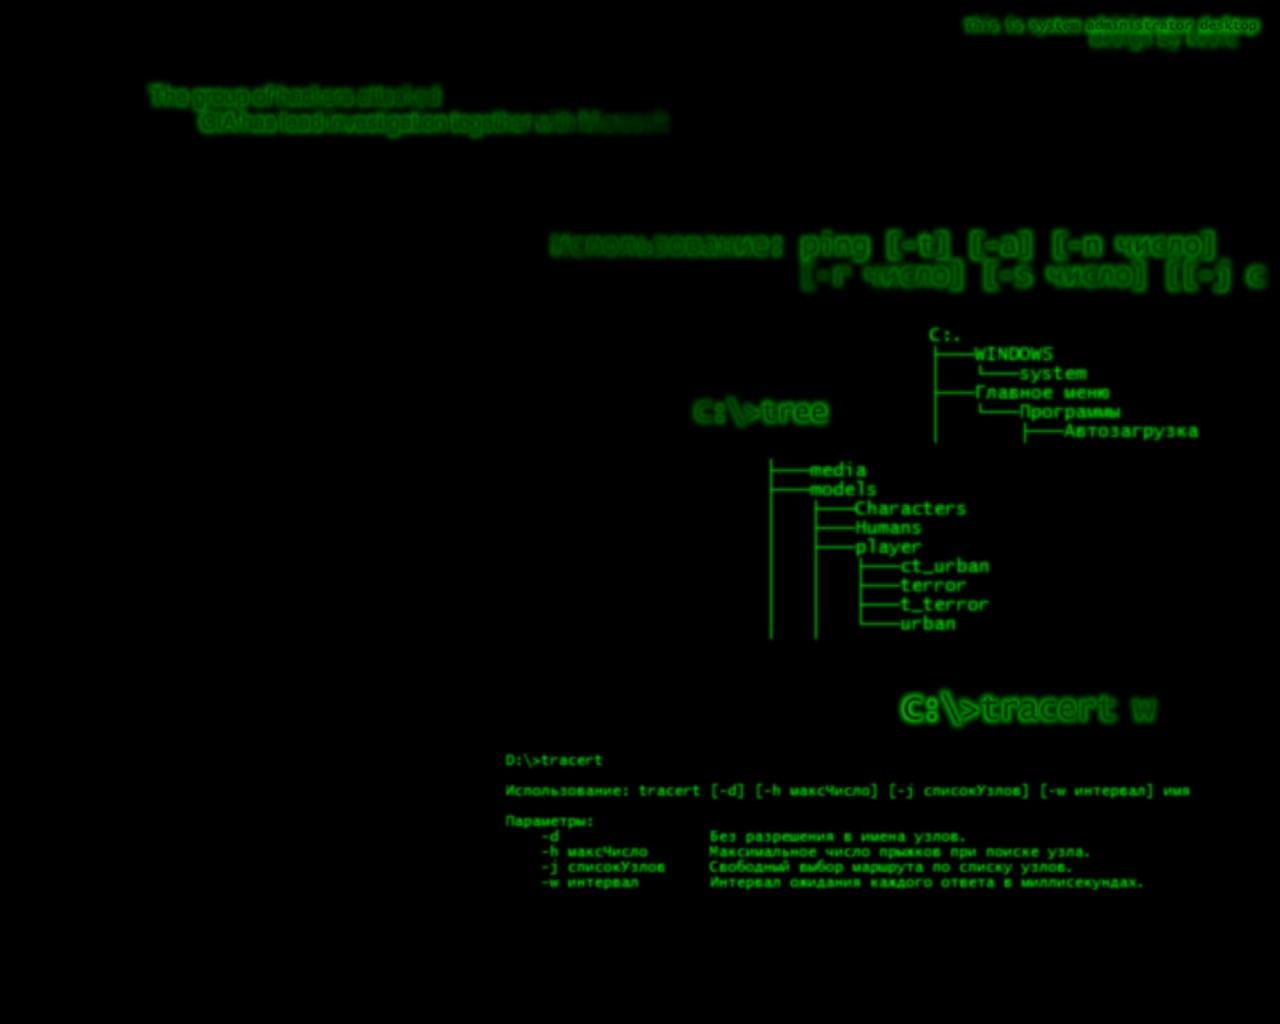 Hacker Wallpaper HD 1280x1024